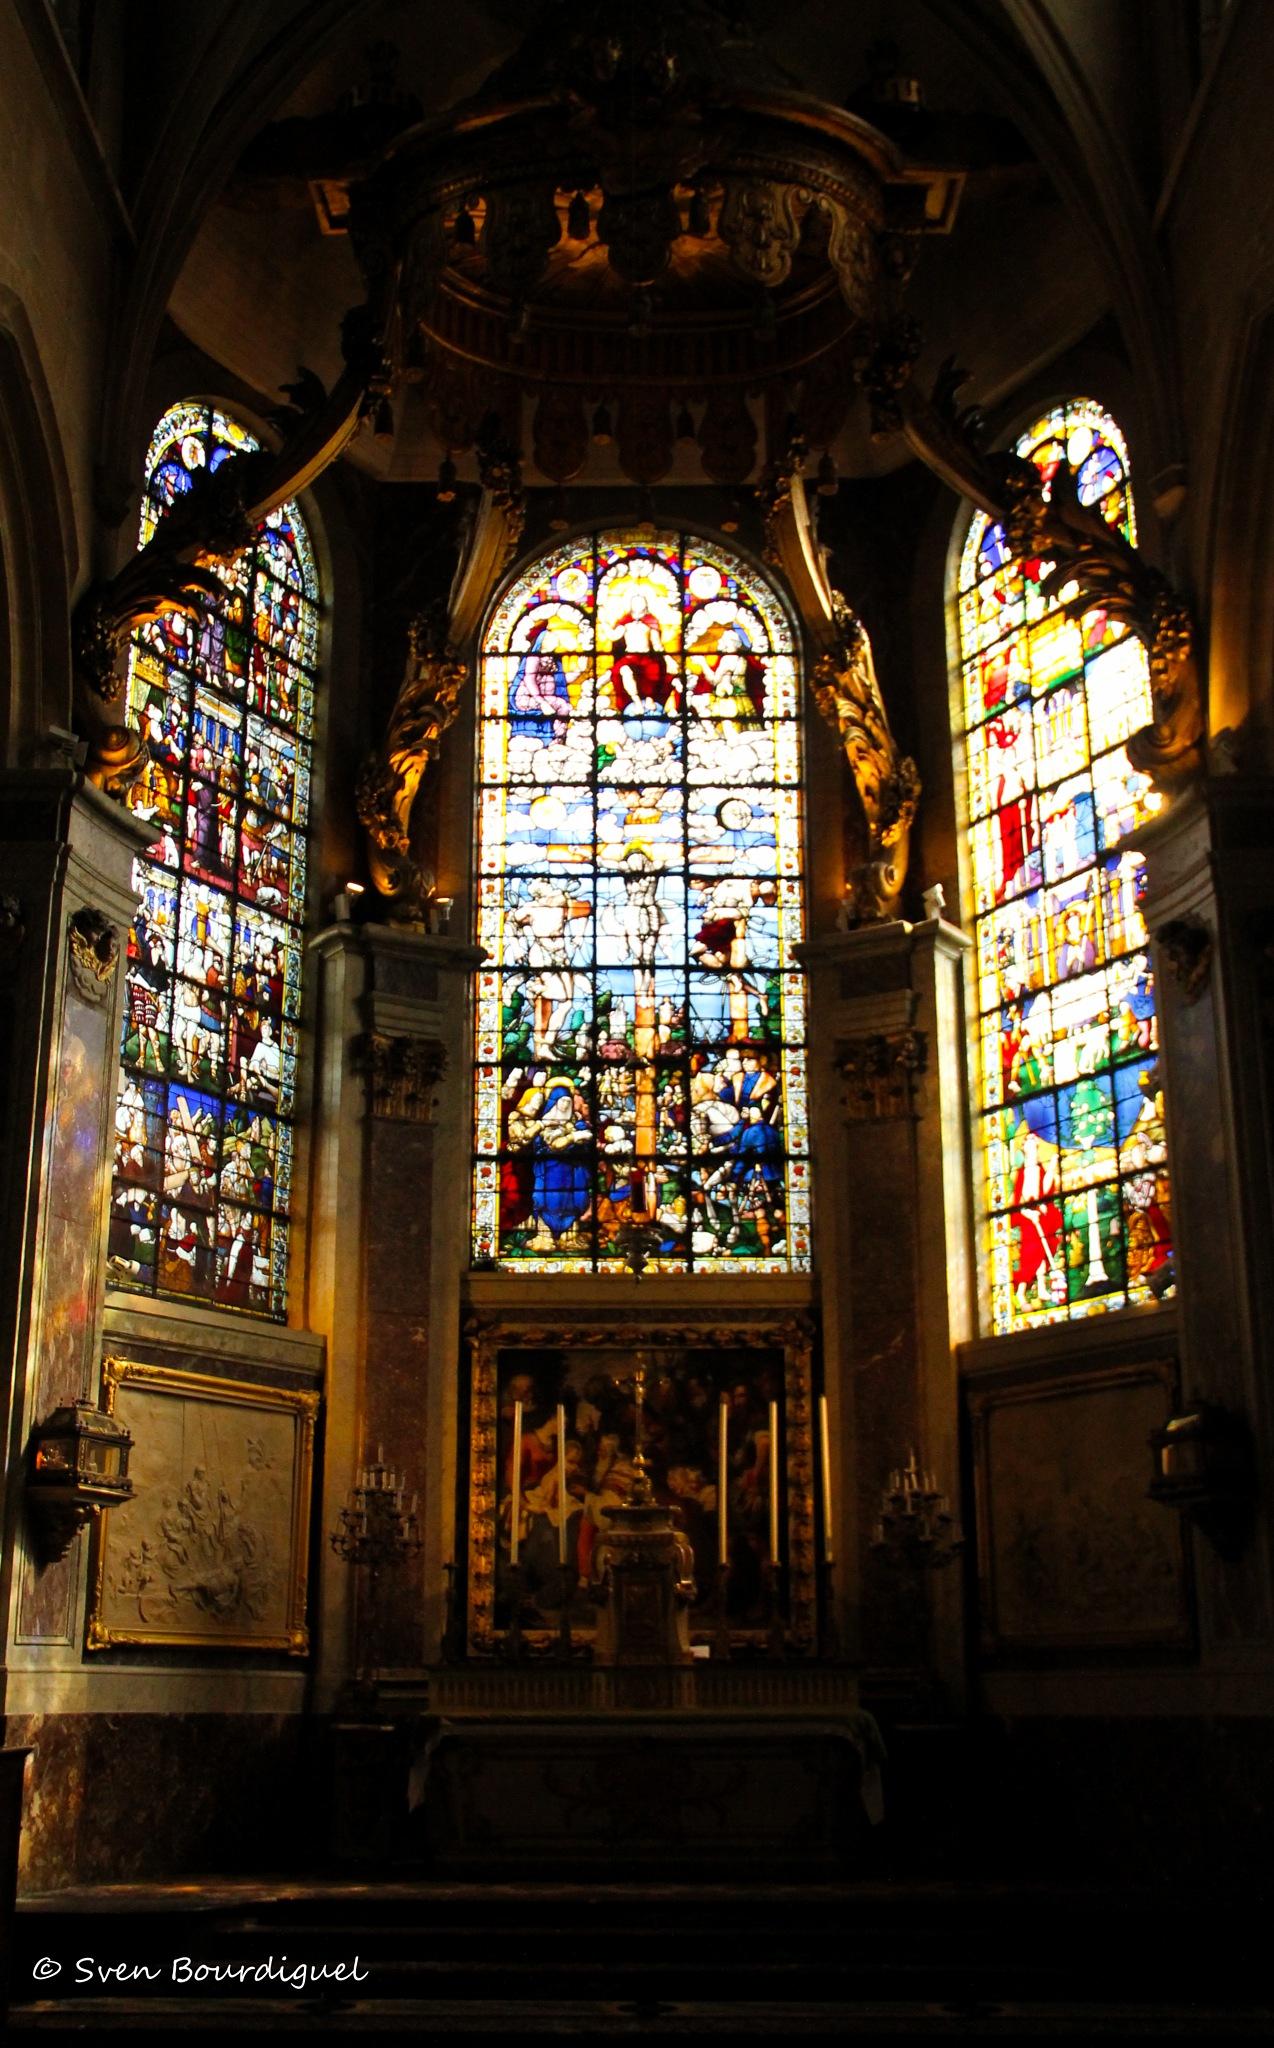 Eglise Saint-Patrice by SvИ Fötø